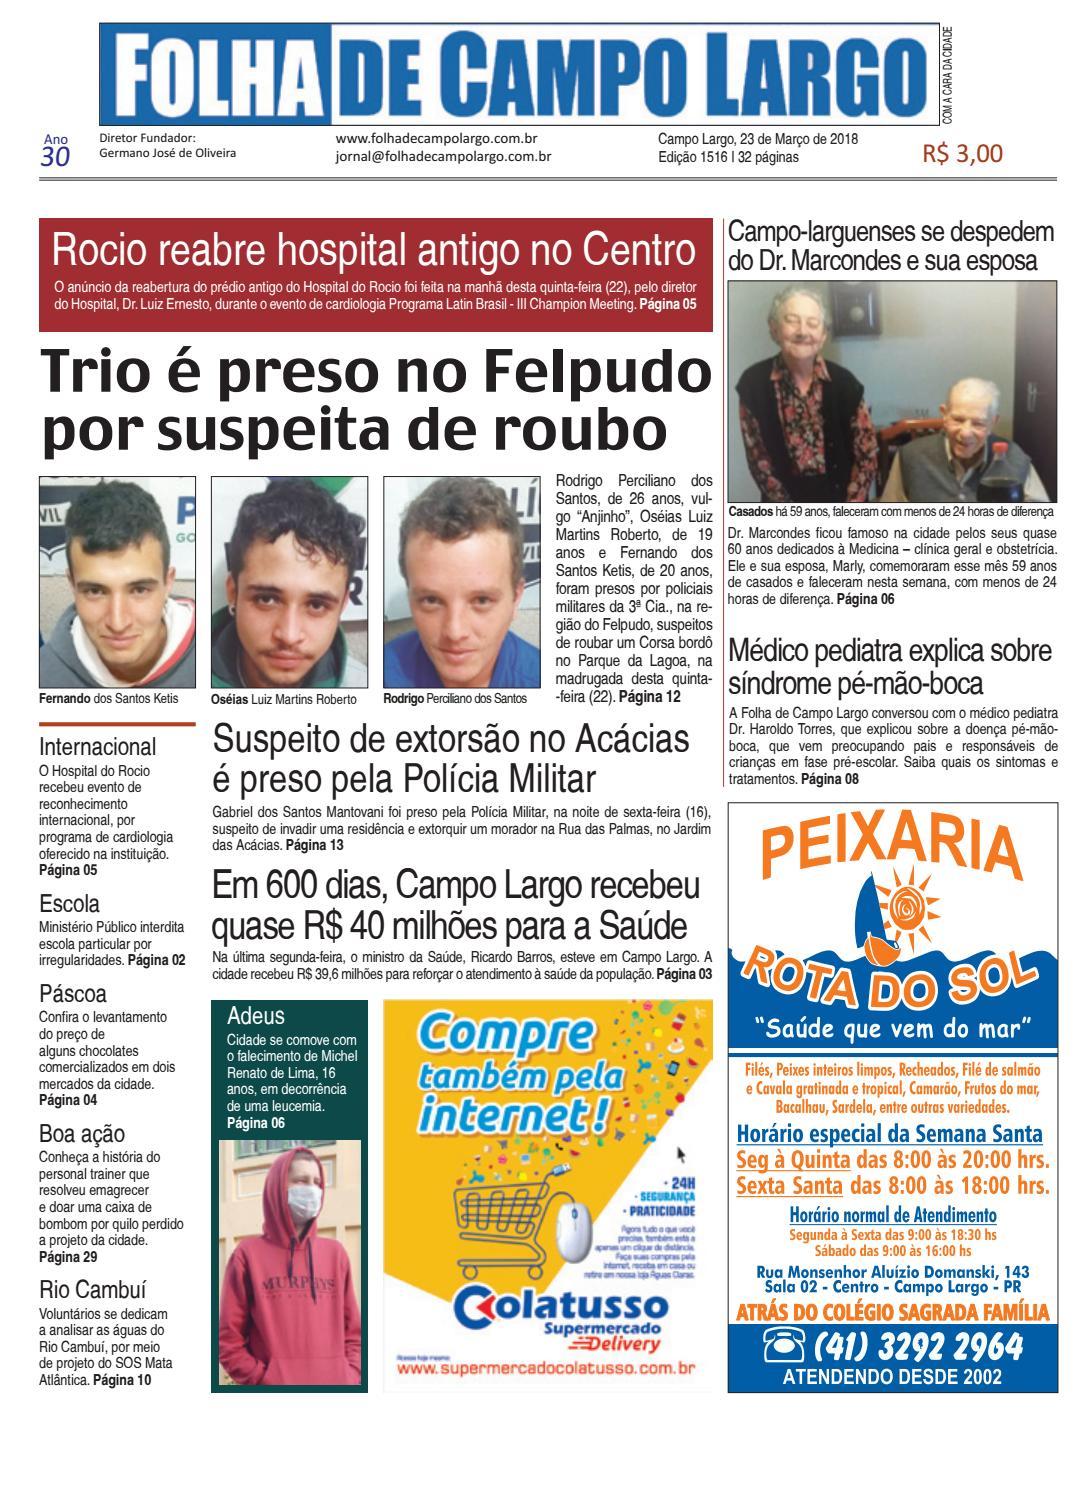 668a119fa3 Folha de Campo Largo by Folha de Campo Largo - issuu